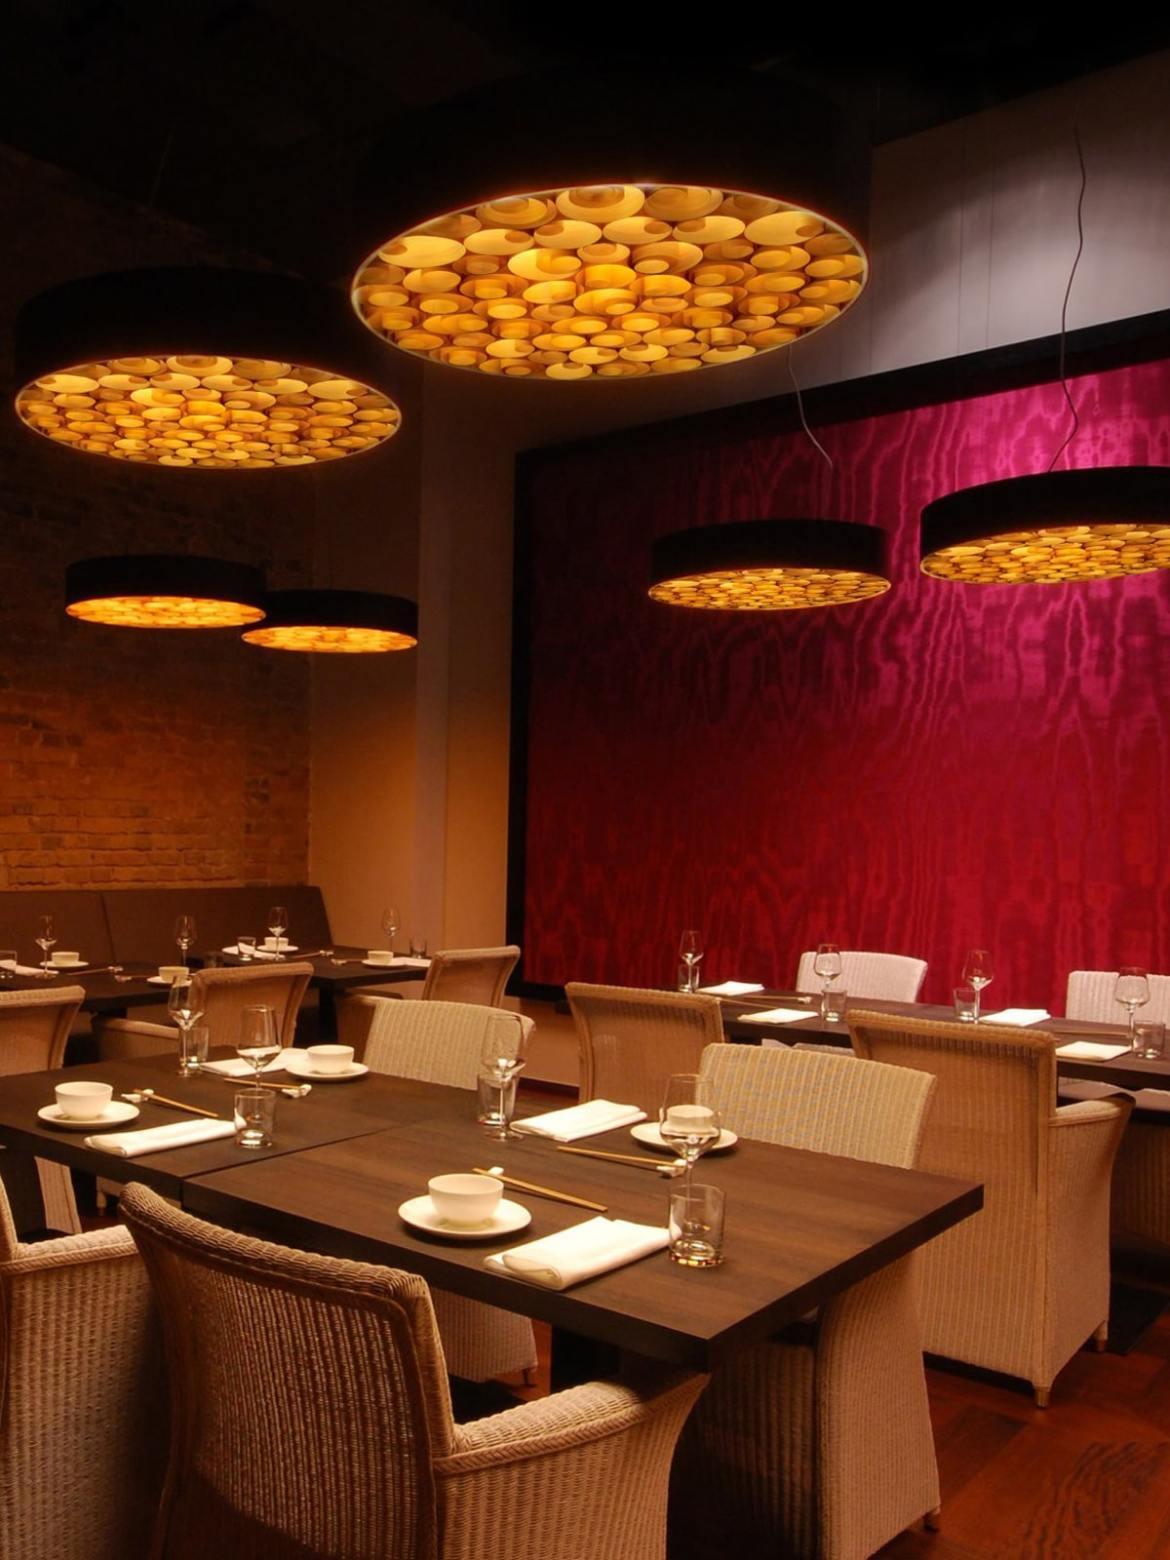 DesignOrt Blog: LZF Designerleuchten für die Gastronomiebeleuchtung Spiro LZF